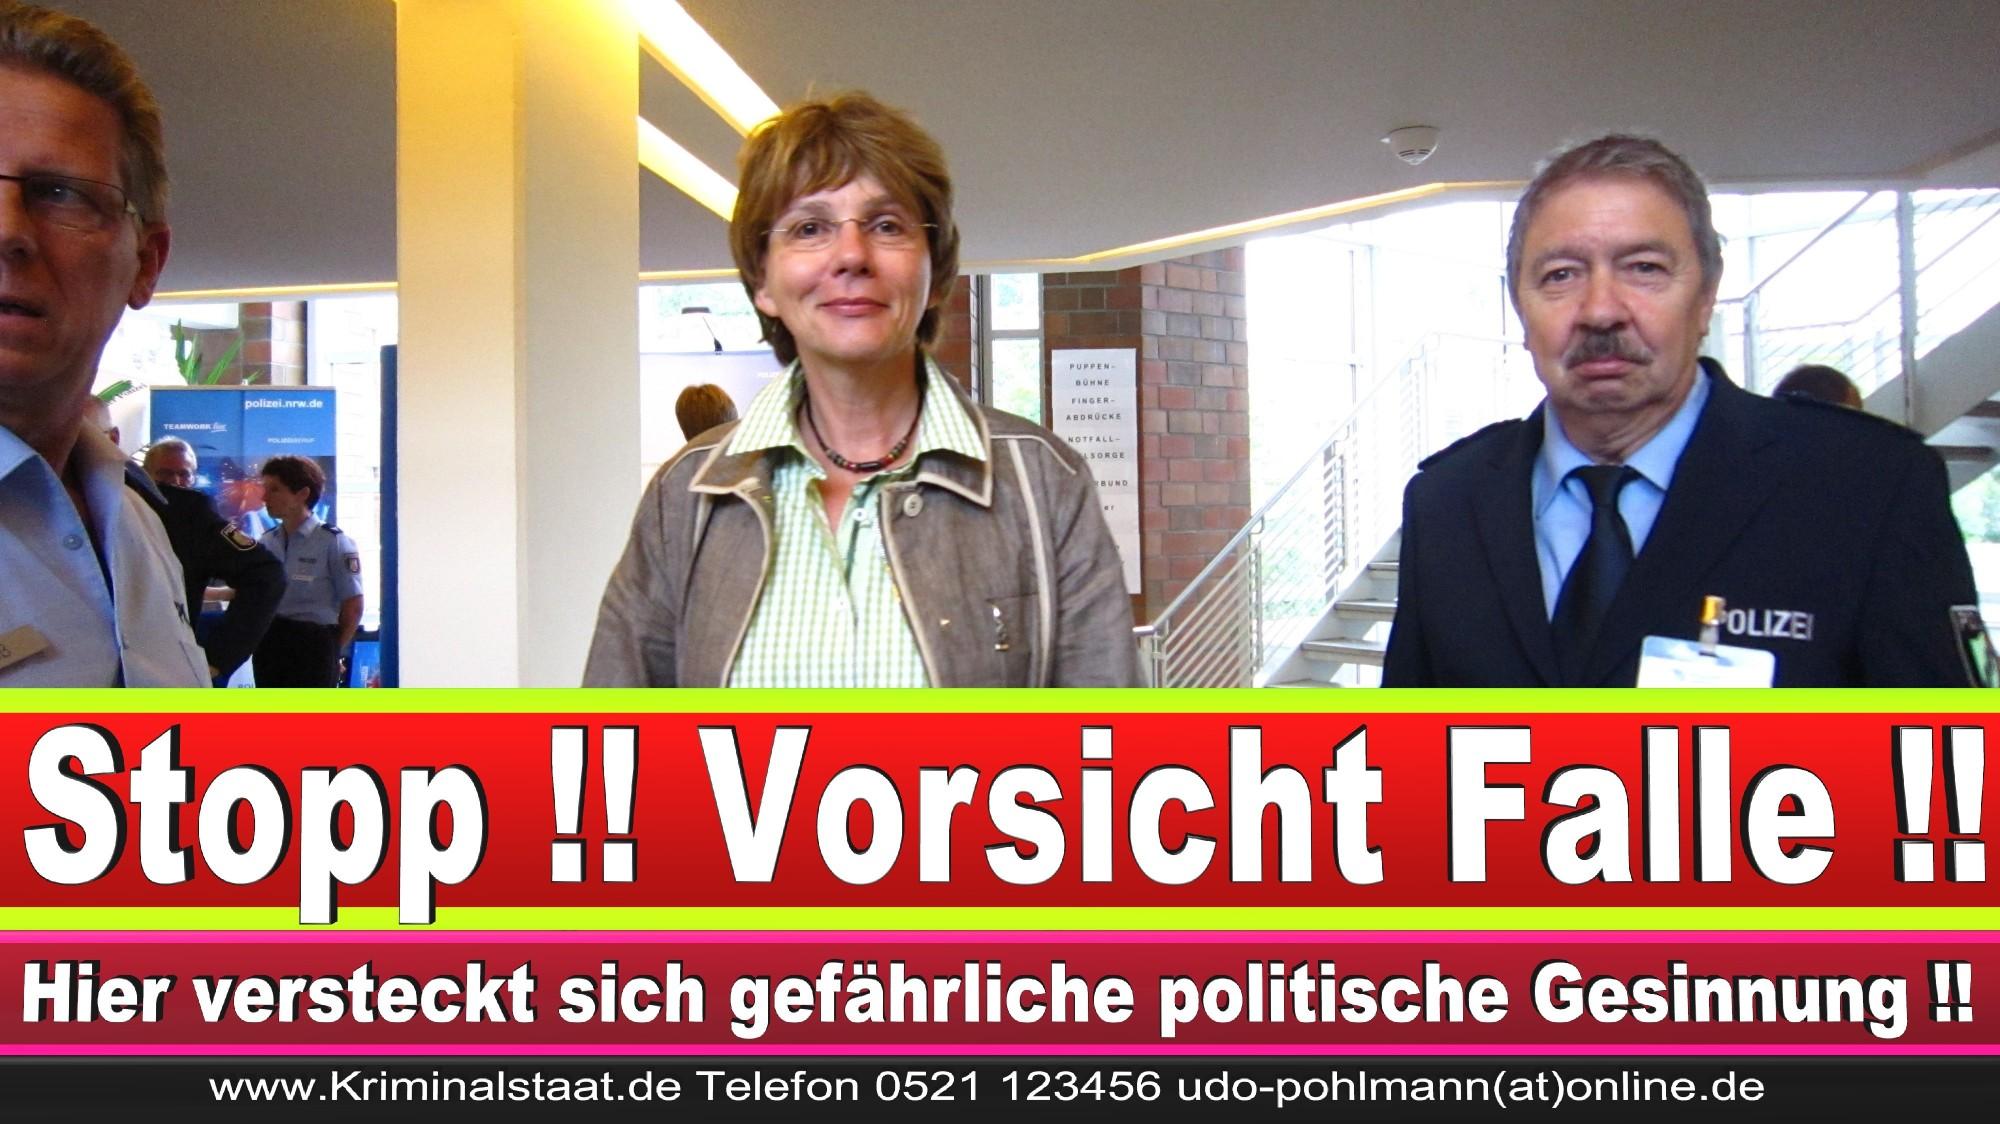 Polizeipräsidentin Katharina Giere Polizei Bielefeld NRW Erwin Südfeld Horst Kruse Polizeiuniform Polizeigewalt DEMONSTRATION Bahnhof (23) 1